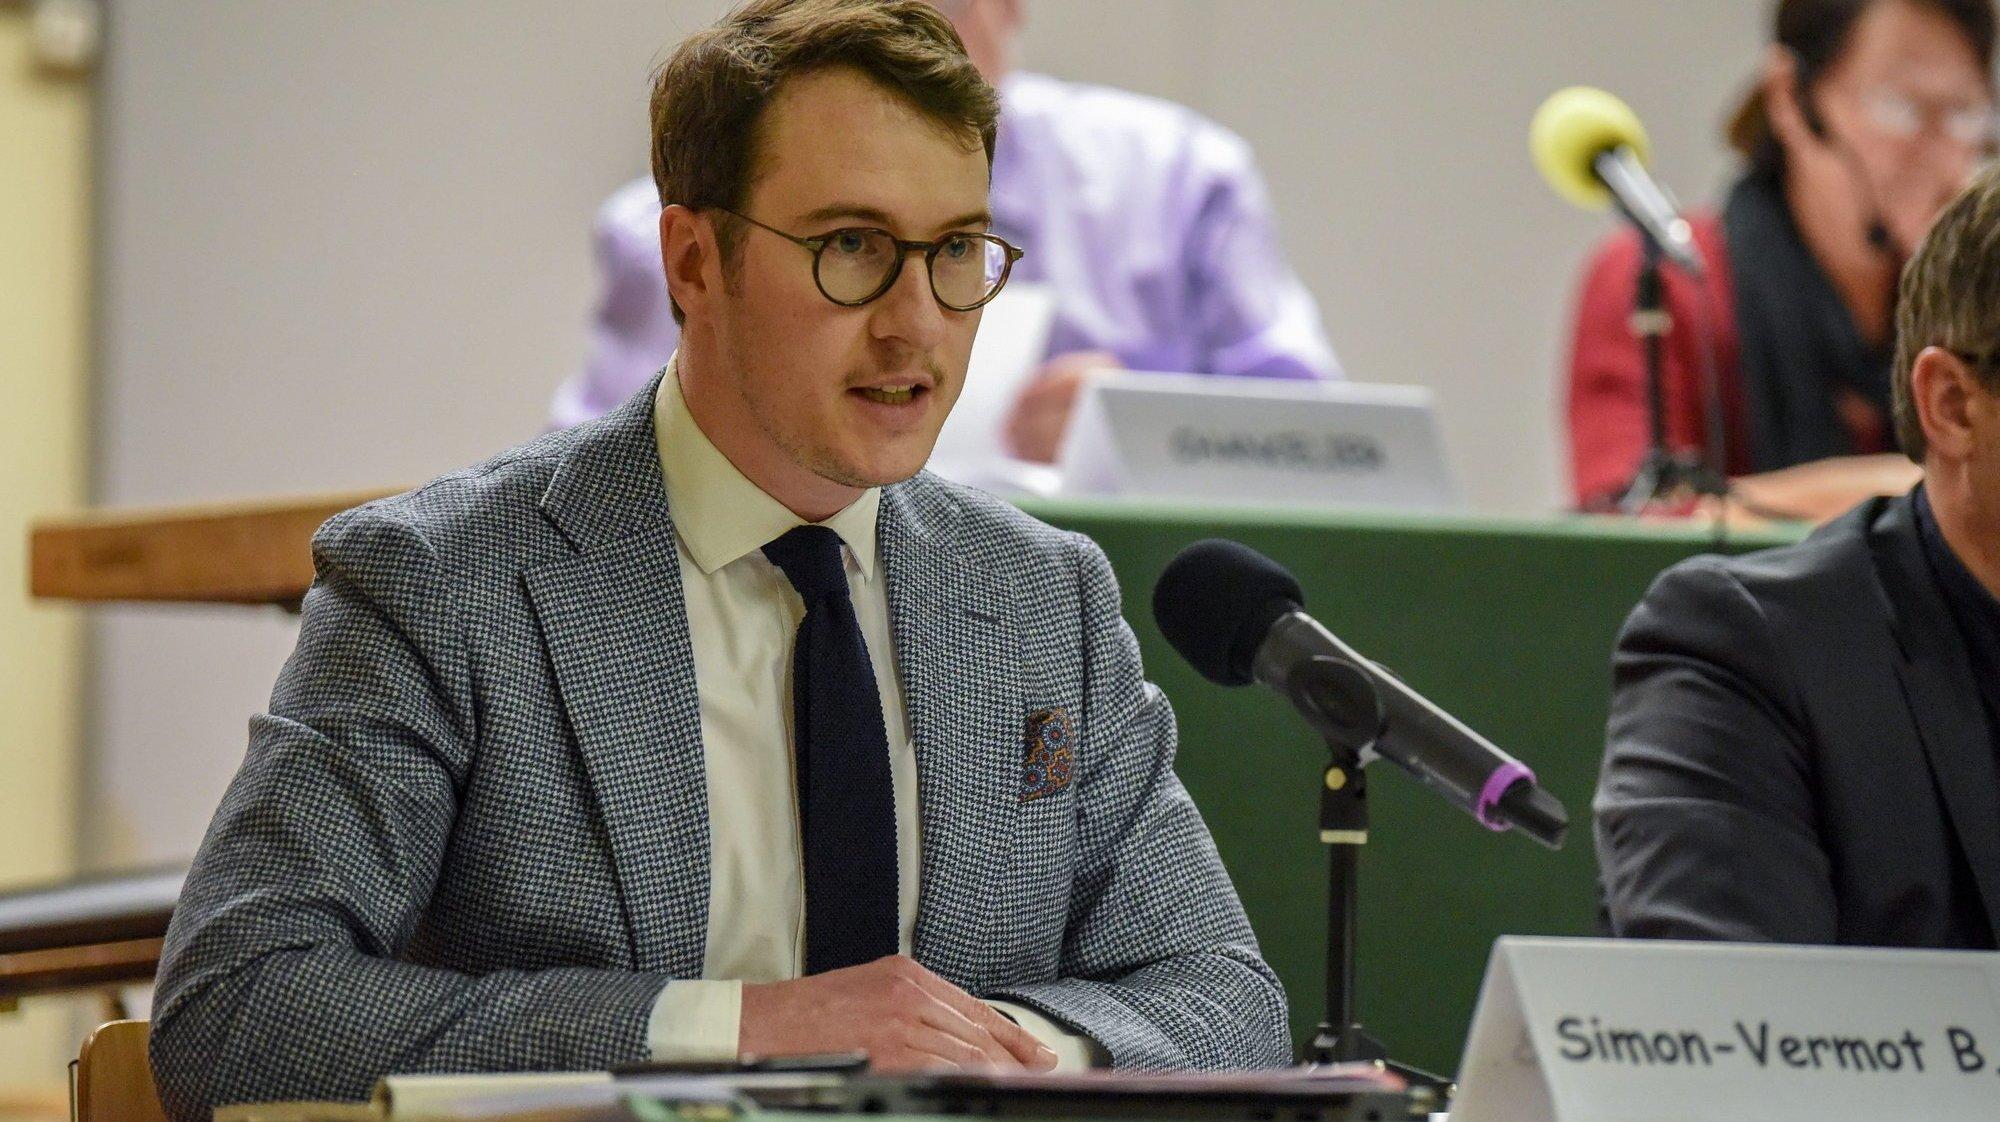 Val-de-Travers: Benoît Simon-Vermot accède pour la première fois à la présidence du bureau de l'exécutif communal.